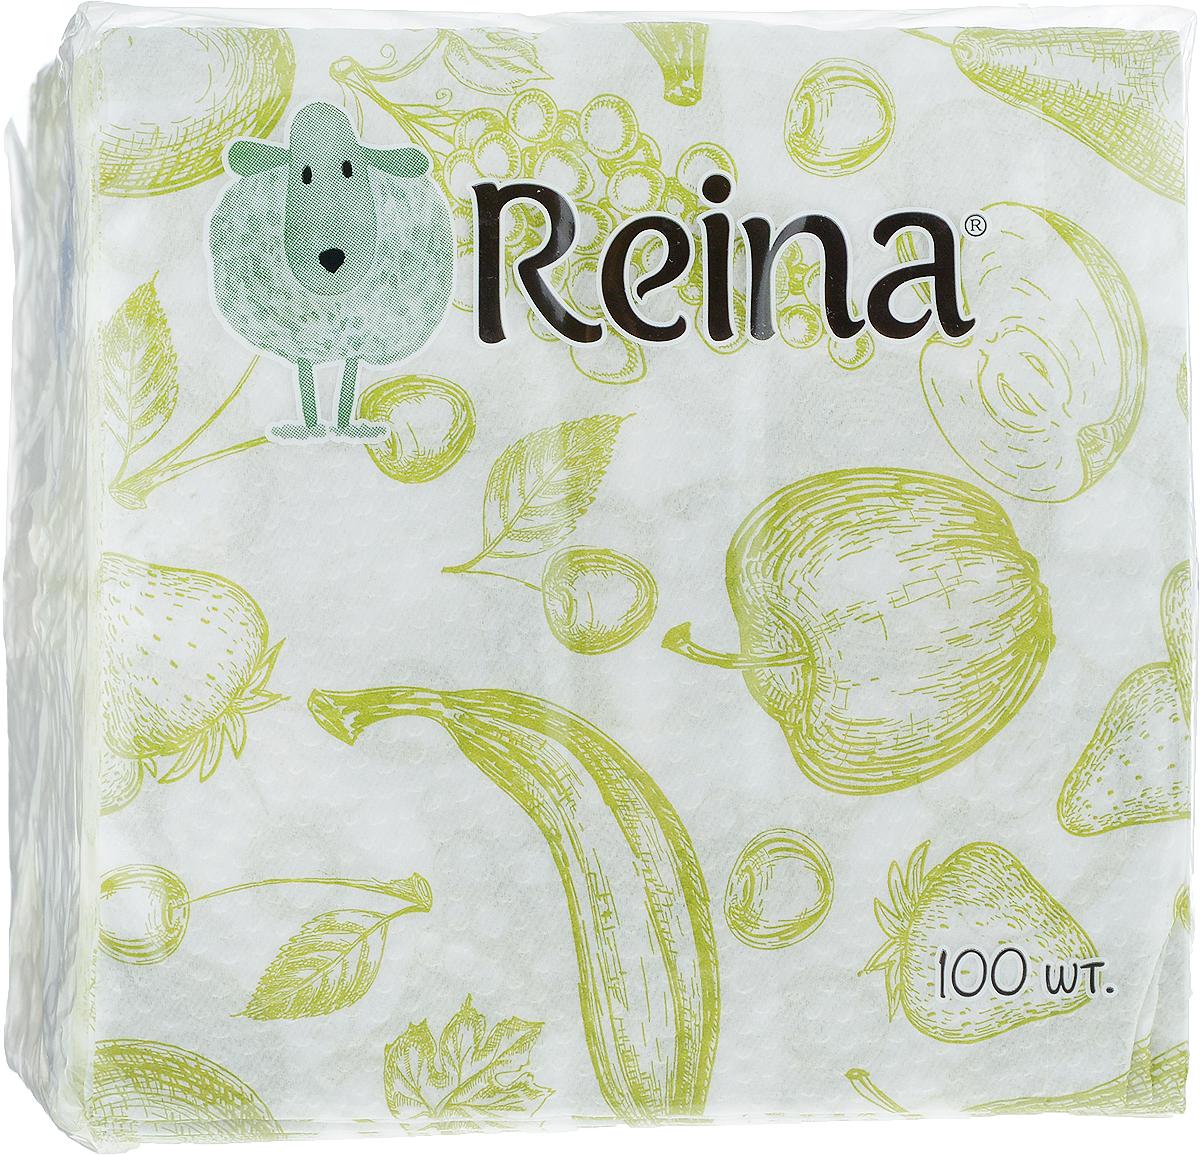 Салфетки бумажные Reina, 1-слойные, цвет: оливковый, белый, 100 штPUL-000220кк_оливковый, белый, фруктыСалфетки бумажные Reina, выполненные из натуральной целлюлозы, станут отличным дополнением любого праздничного стола. Они отличаются необычной мягкостью и оригинальностью.Размер салфетки: 24 х 24 см.Количество слоев: 1.